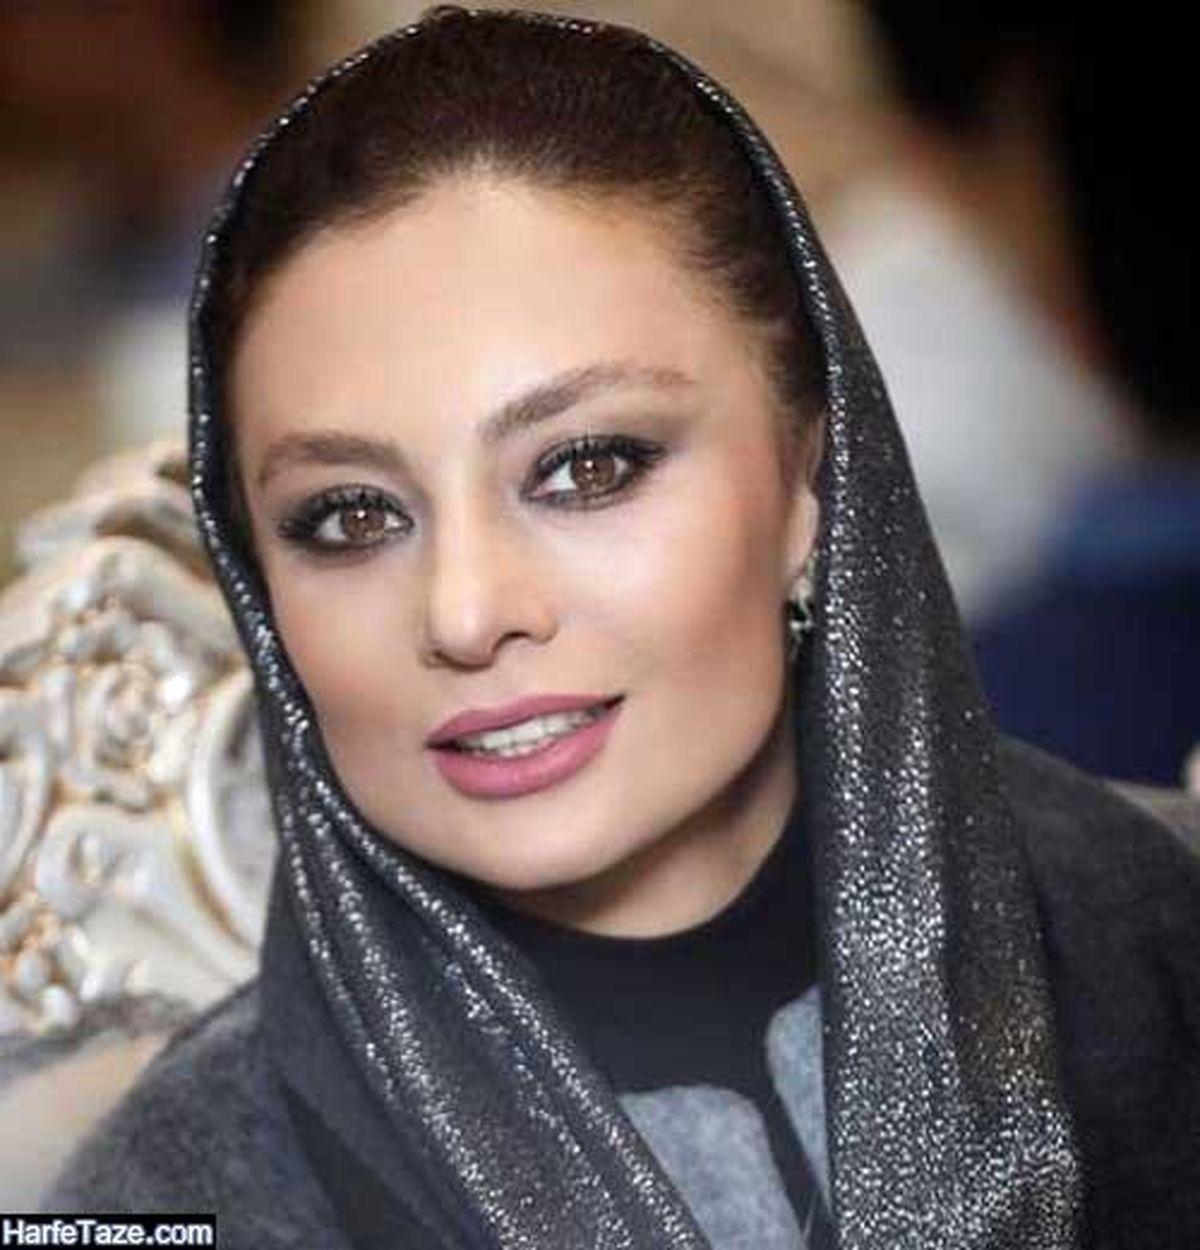 مهریه باورنکردنی یکتا ناصر همسر کارگران معروف + عکس